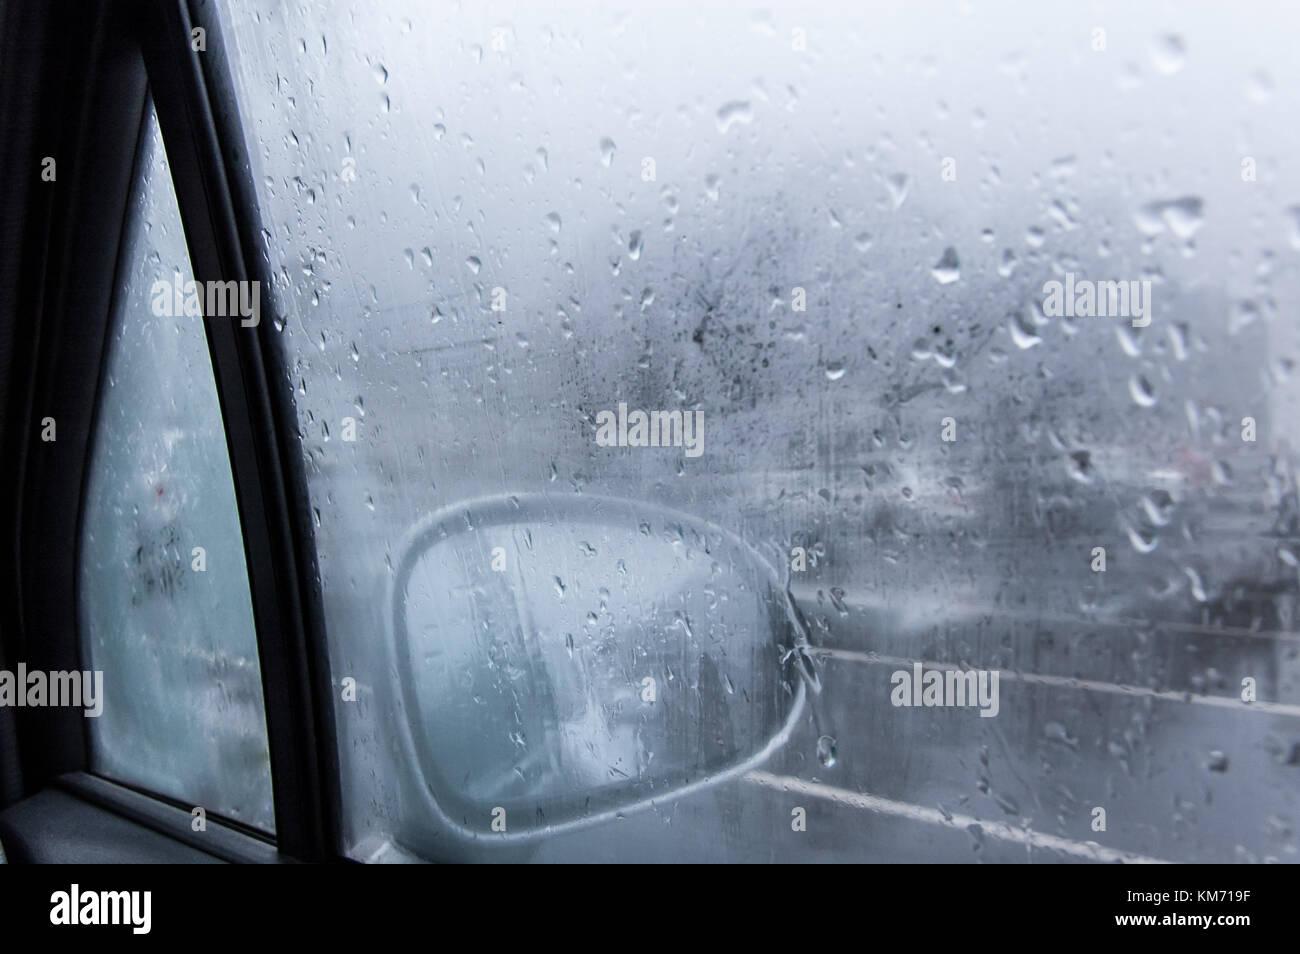 Vista de un espejo lateral del coche desde el interior del coche con la condensación y la lluvia en el cristal Imagen De Stock